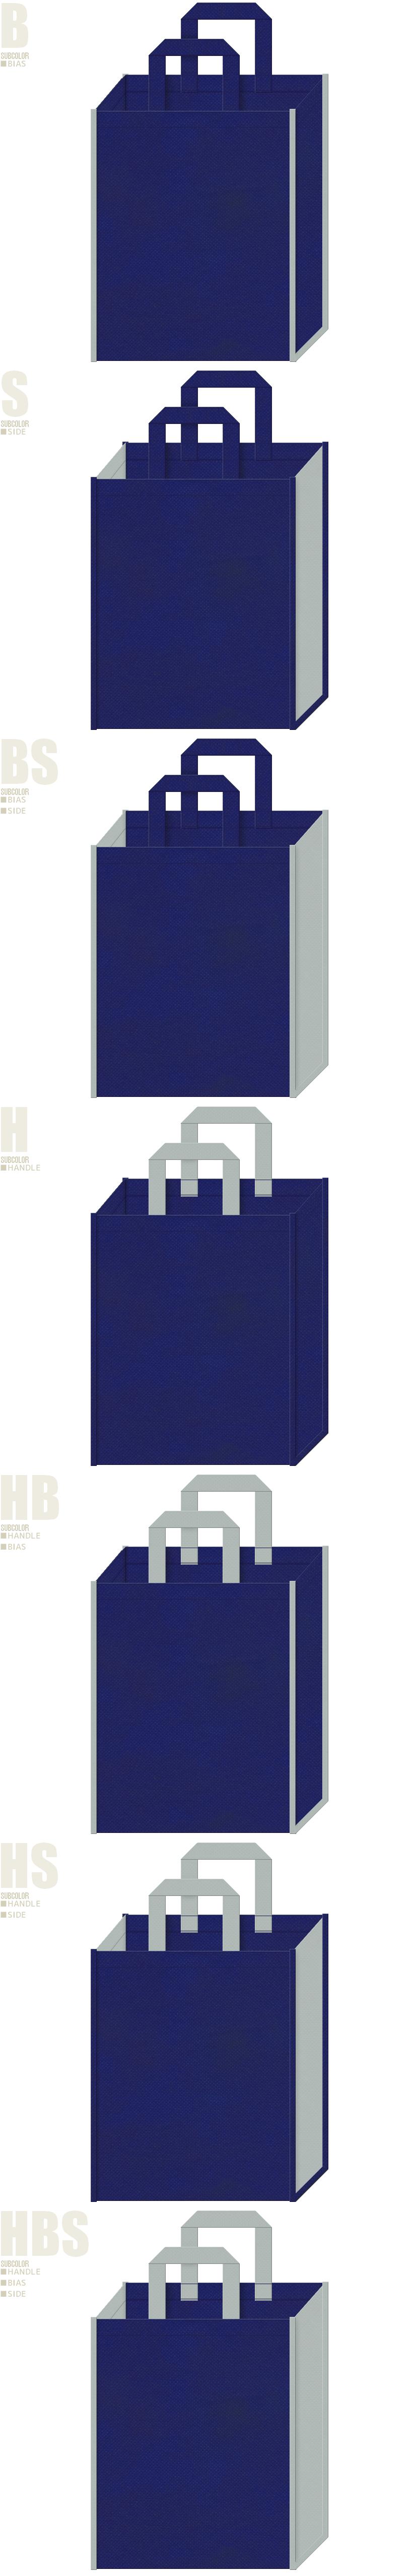 ロボット・ラジコン・プラモデル・ホビーの展示会用バッグにお奨めの不織布バッグデザイン:明るい紺色とグレー色の配色7パターン